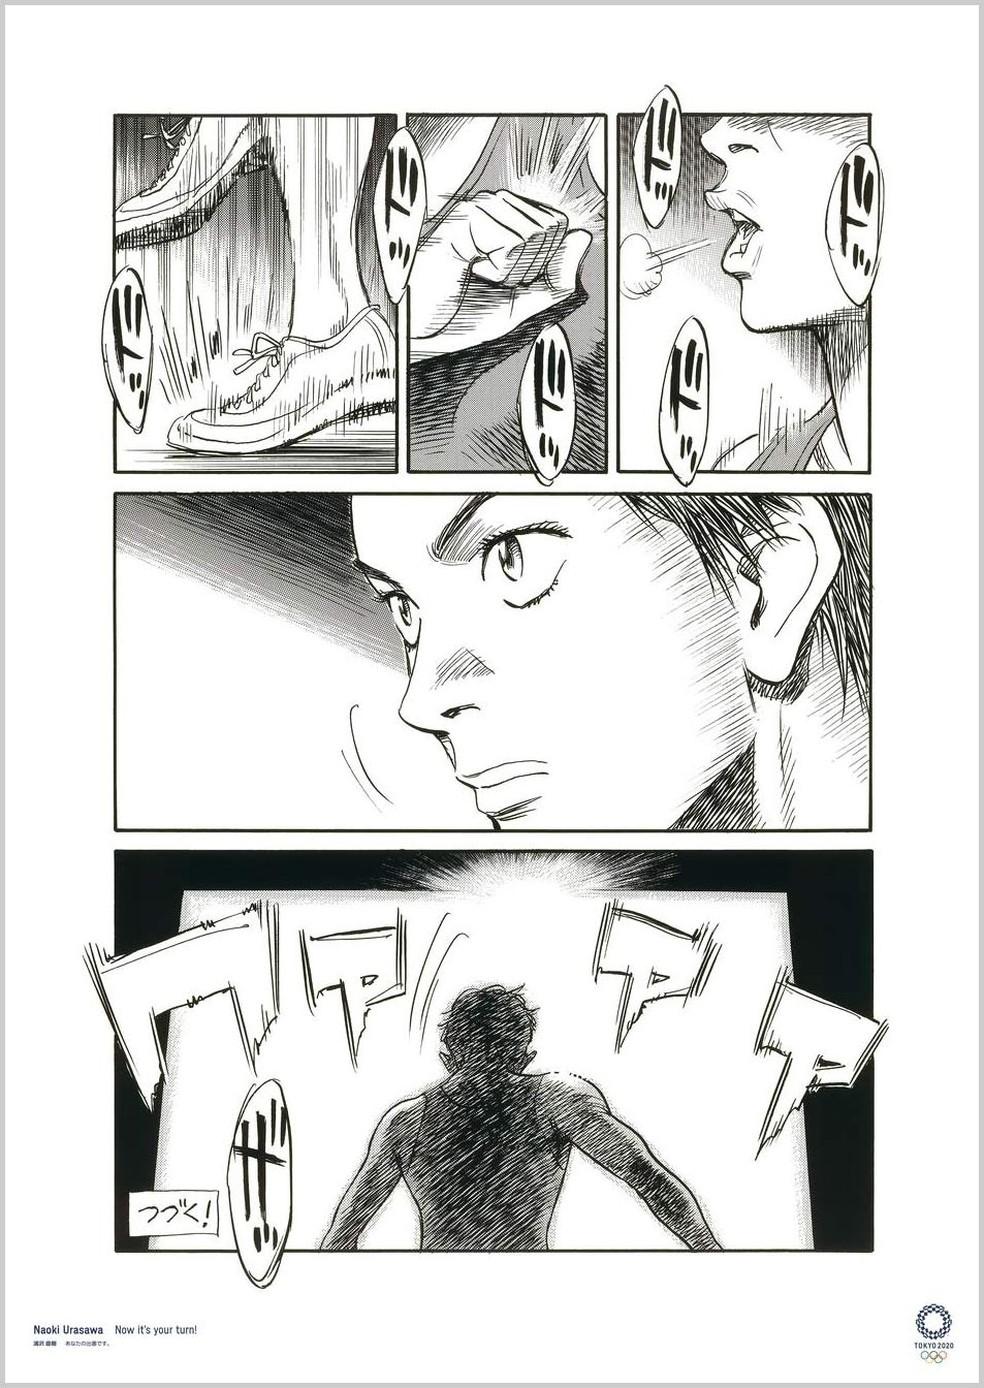 Naoki Urasawa / Artista de mangá — Foto: Reprodução